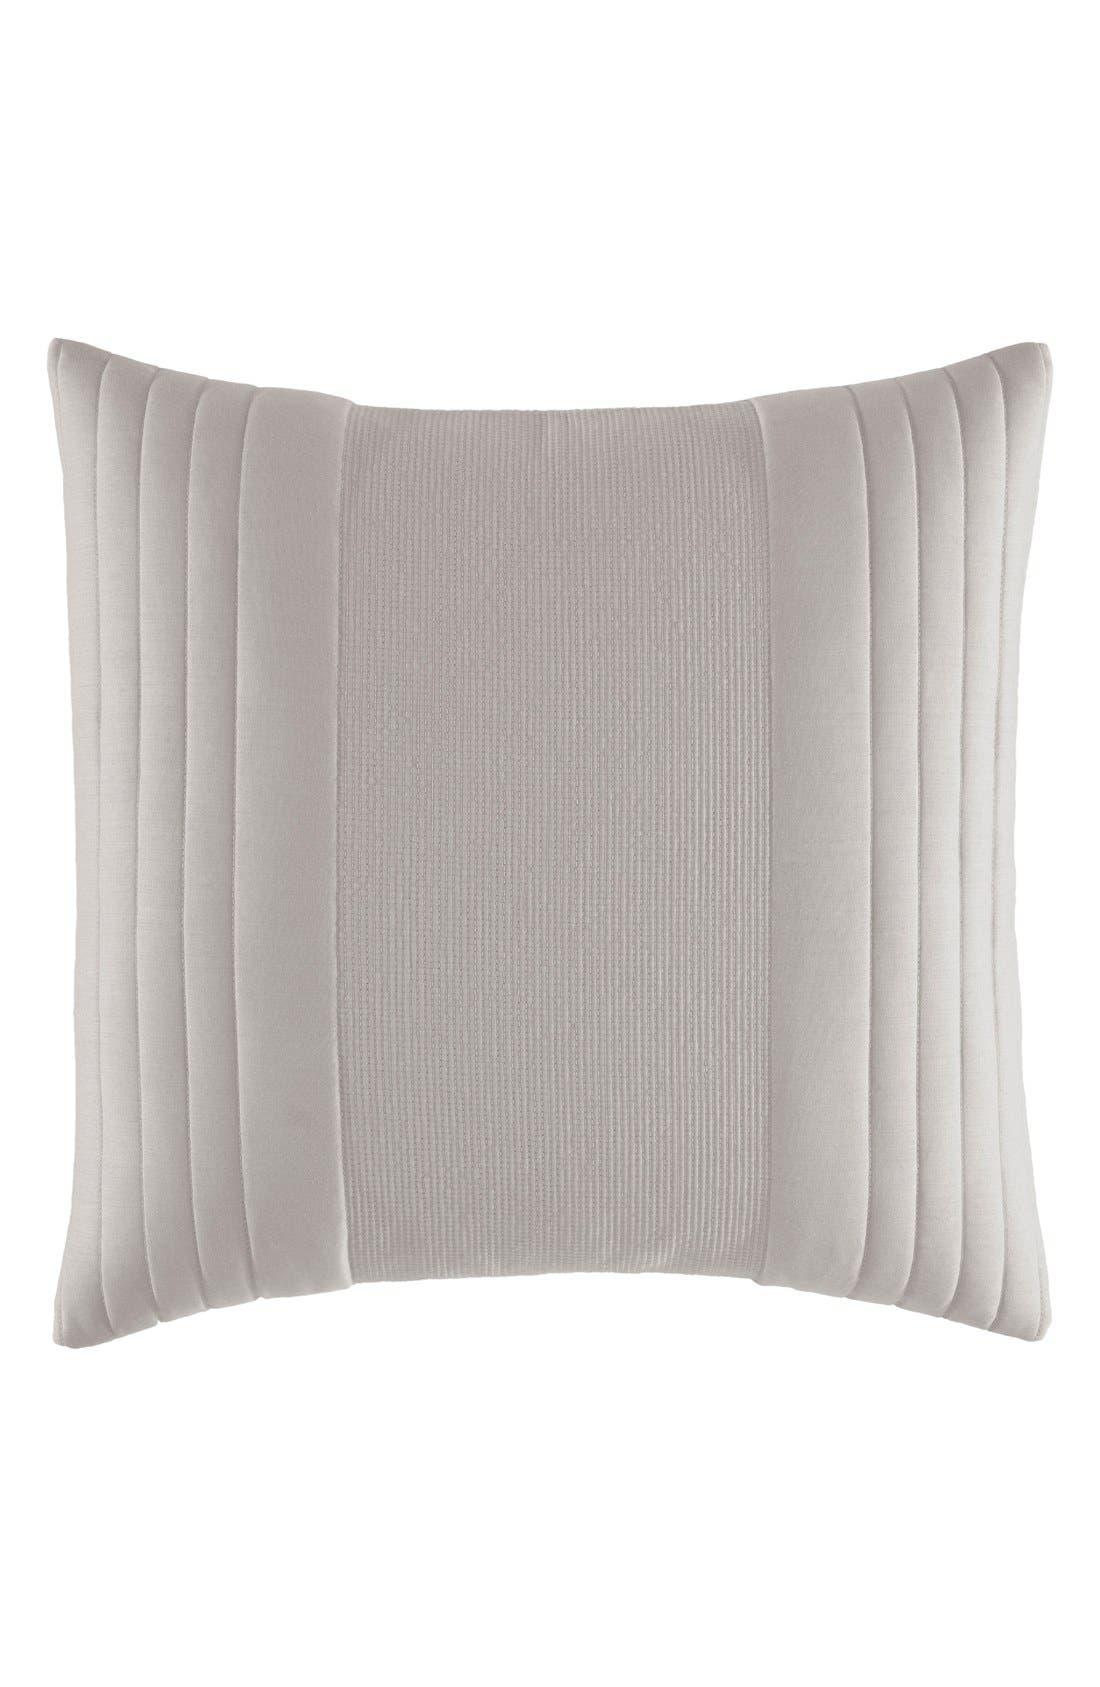 Texture Stripe Pillow,                             Main thumbnail 1, color,